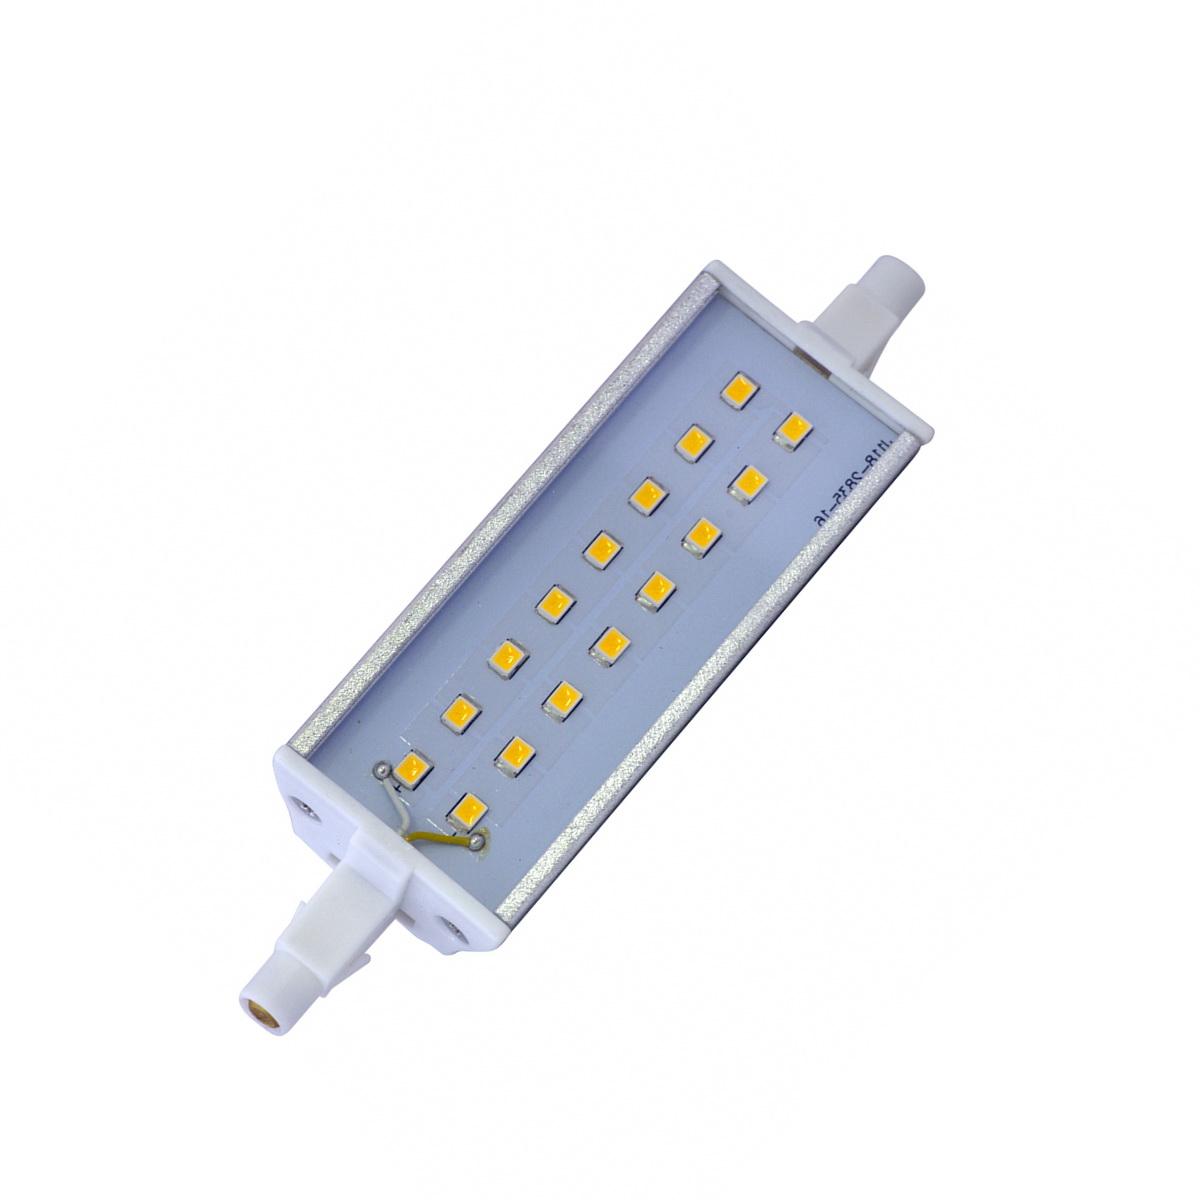 Светодиодные прожекторы в Нижнем Новгороде - купить